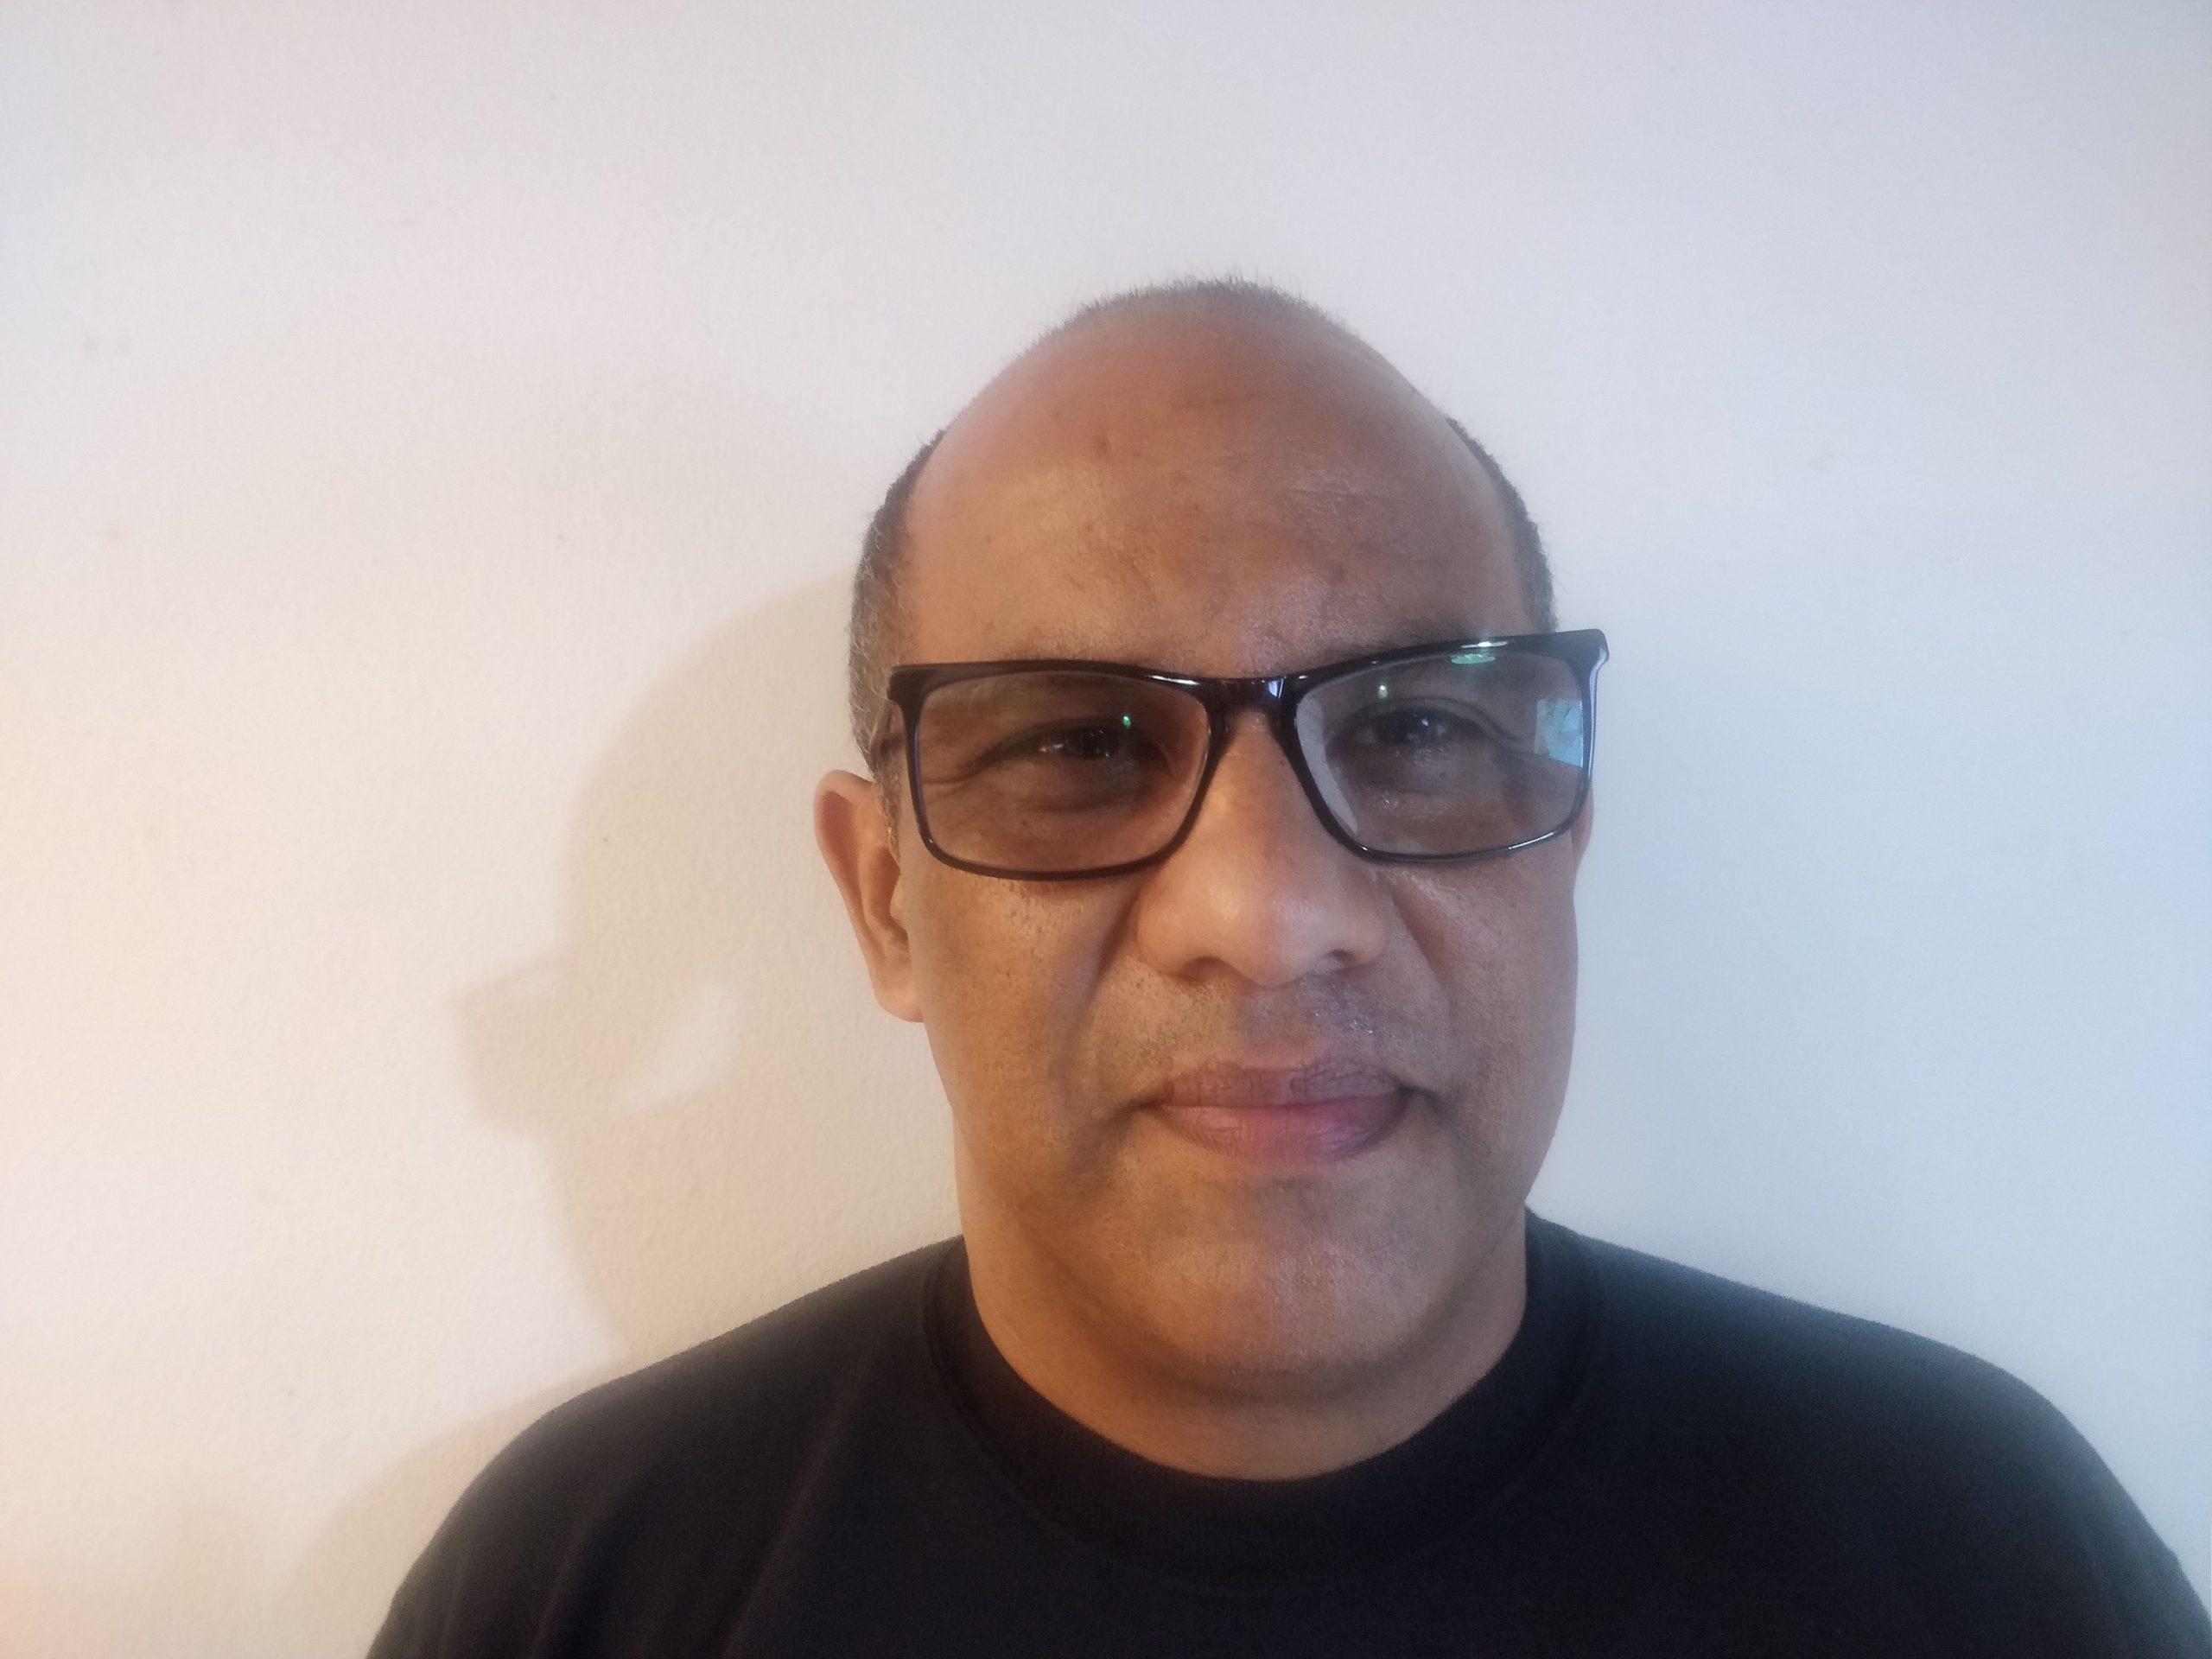 Concurso TJ PA: aprovado para o cargo de Analista Judiciário!